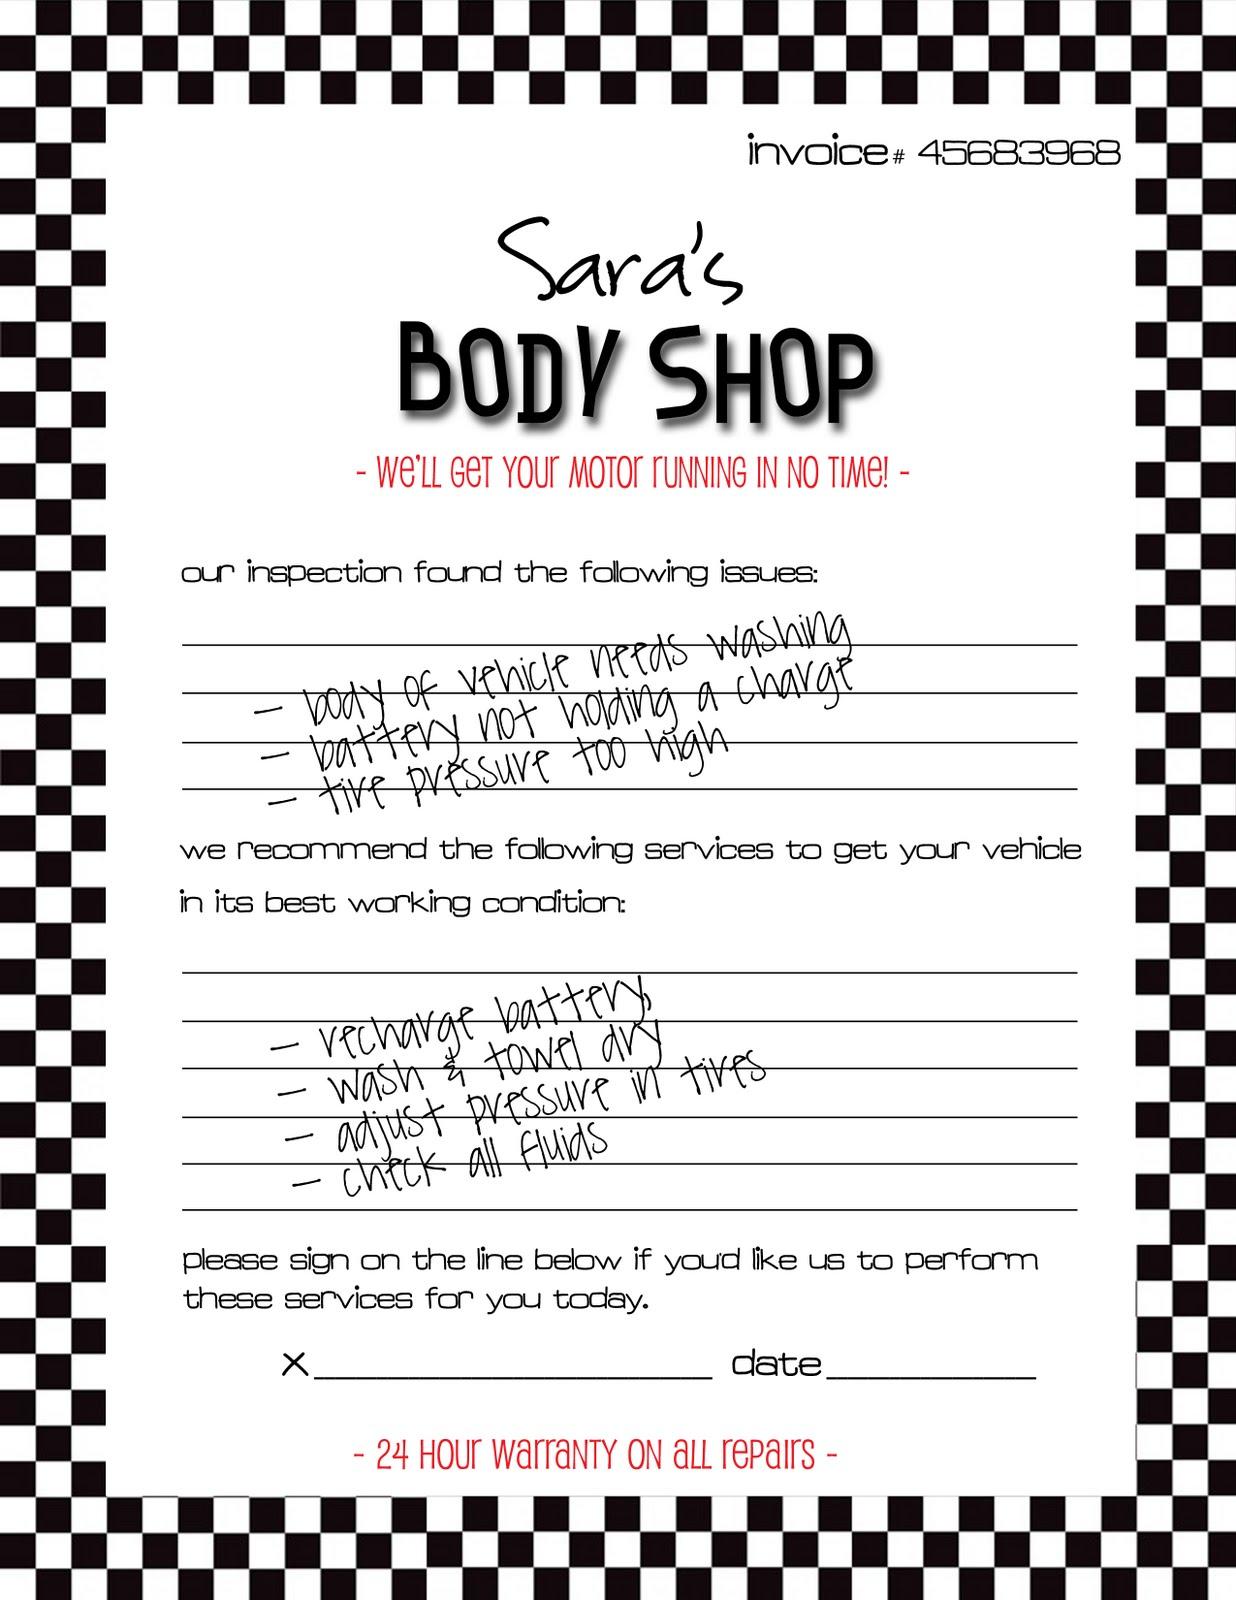 Auto Body Shop Invoice Template RicDesign Body Shop Invoice - Auto body shop invoice template